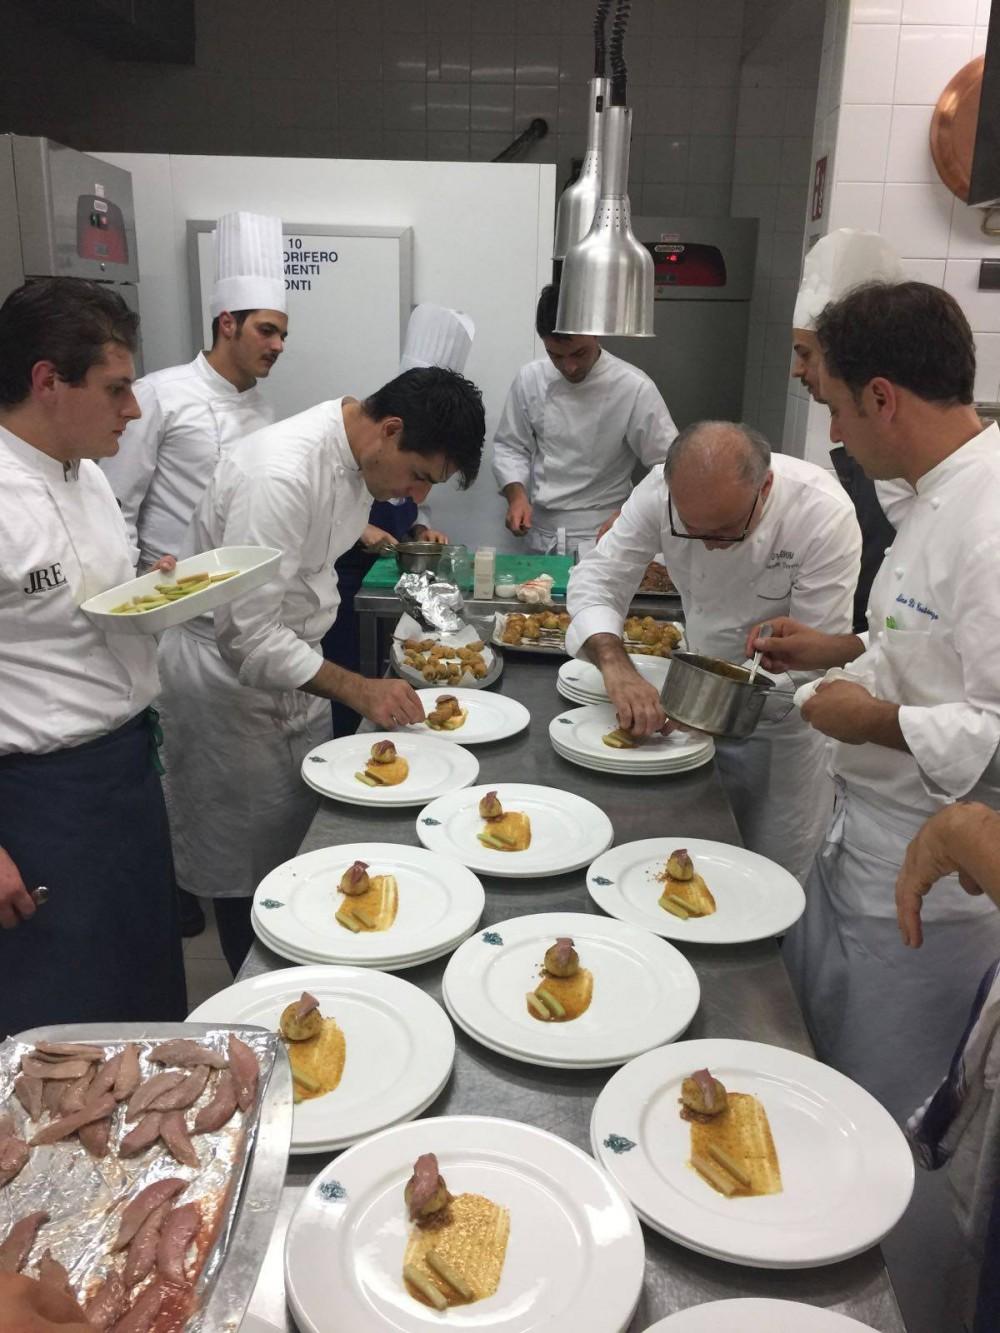 #ischiasafari, preparazione dei piatti